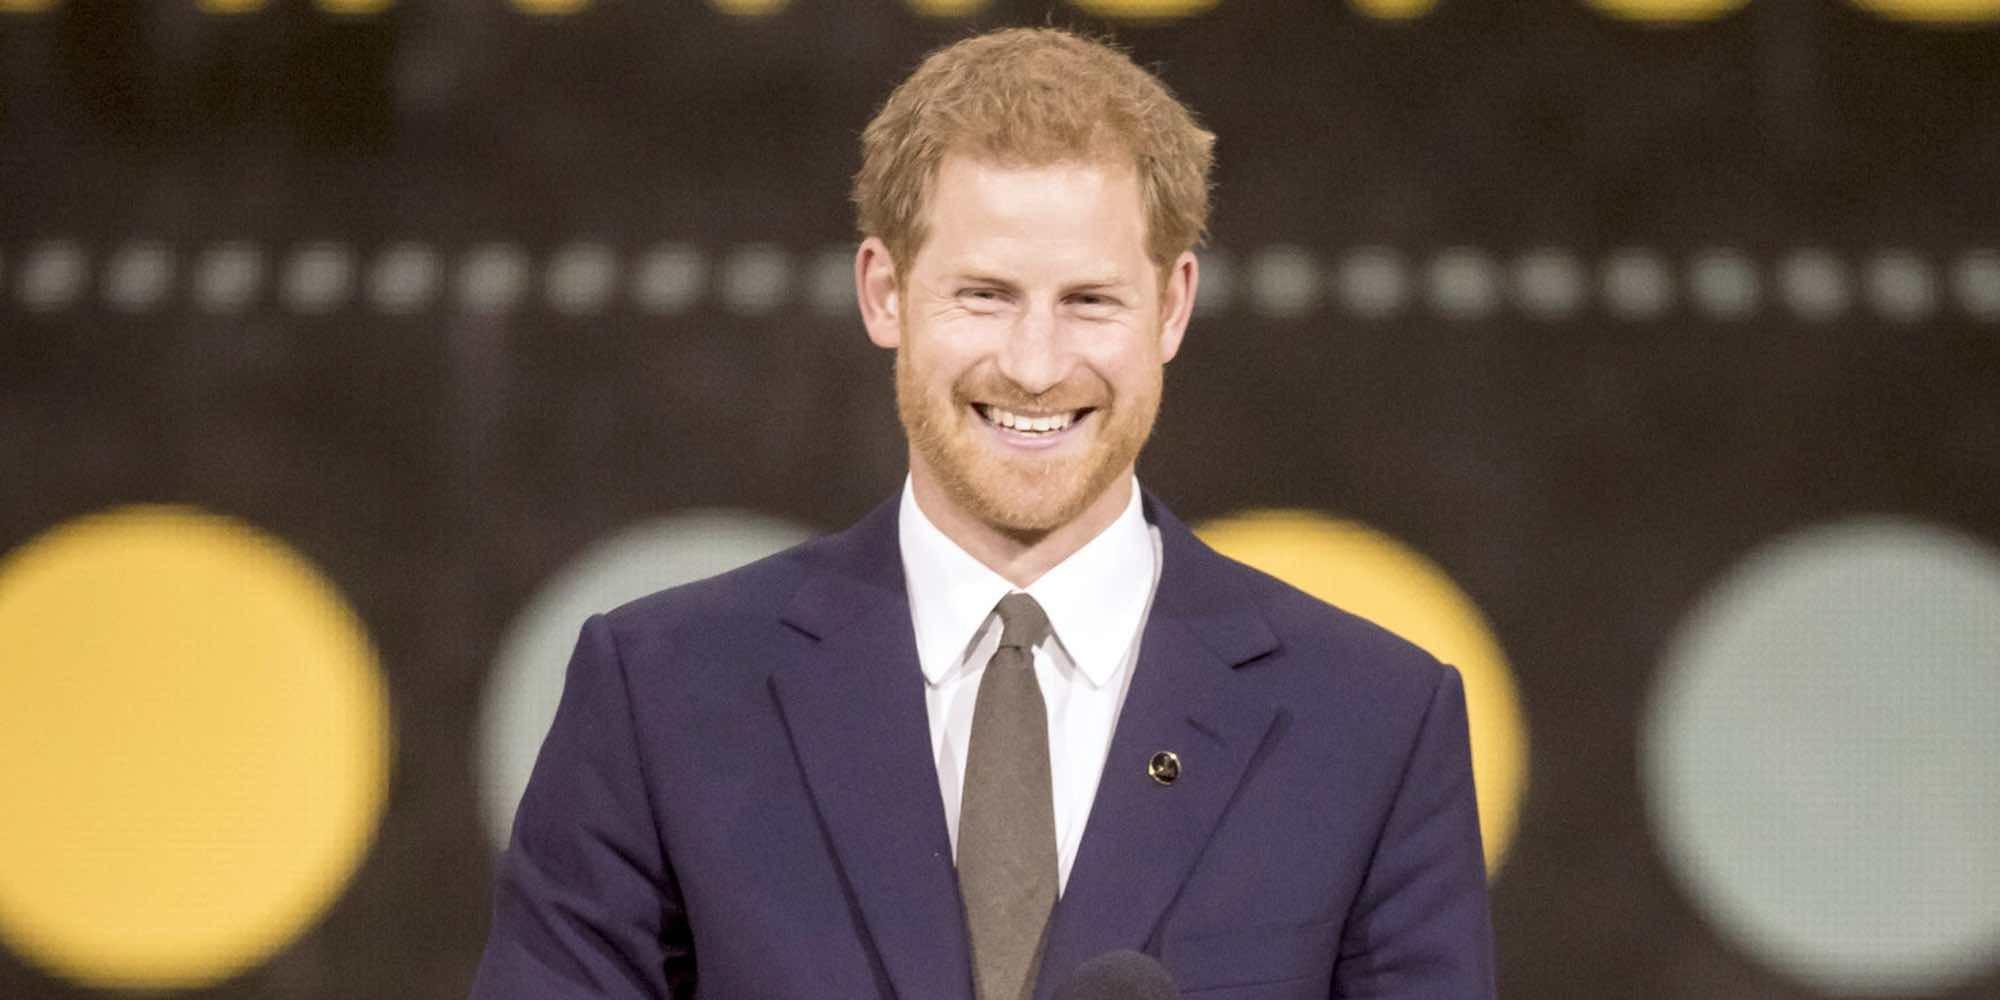 El Príncipe Harry de Inglaterra vuelve al trabajo tras su secreta luna de miel con Meghan Markle